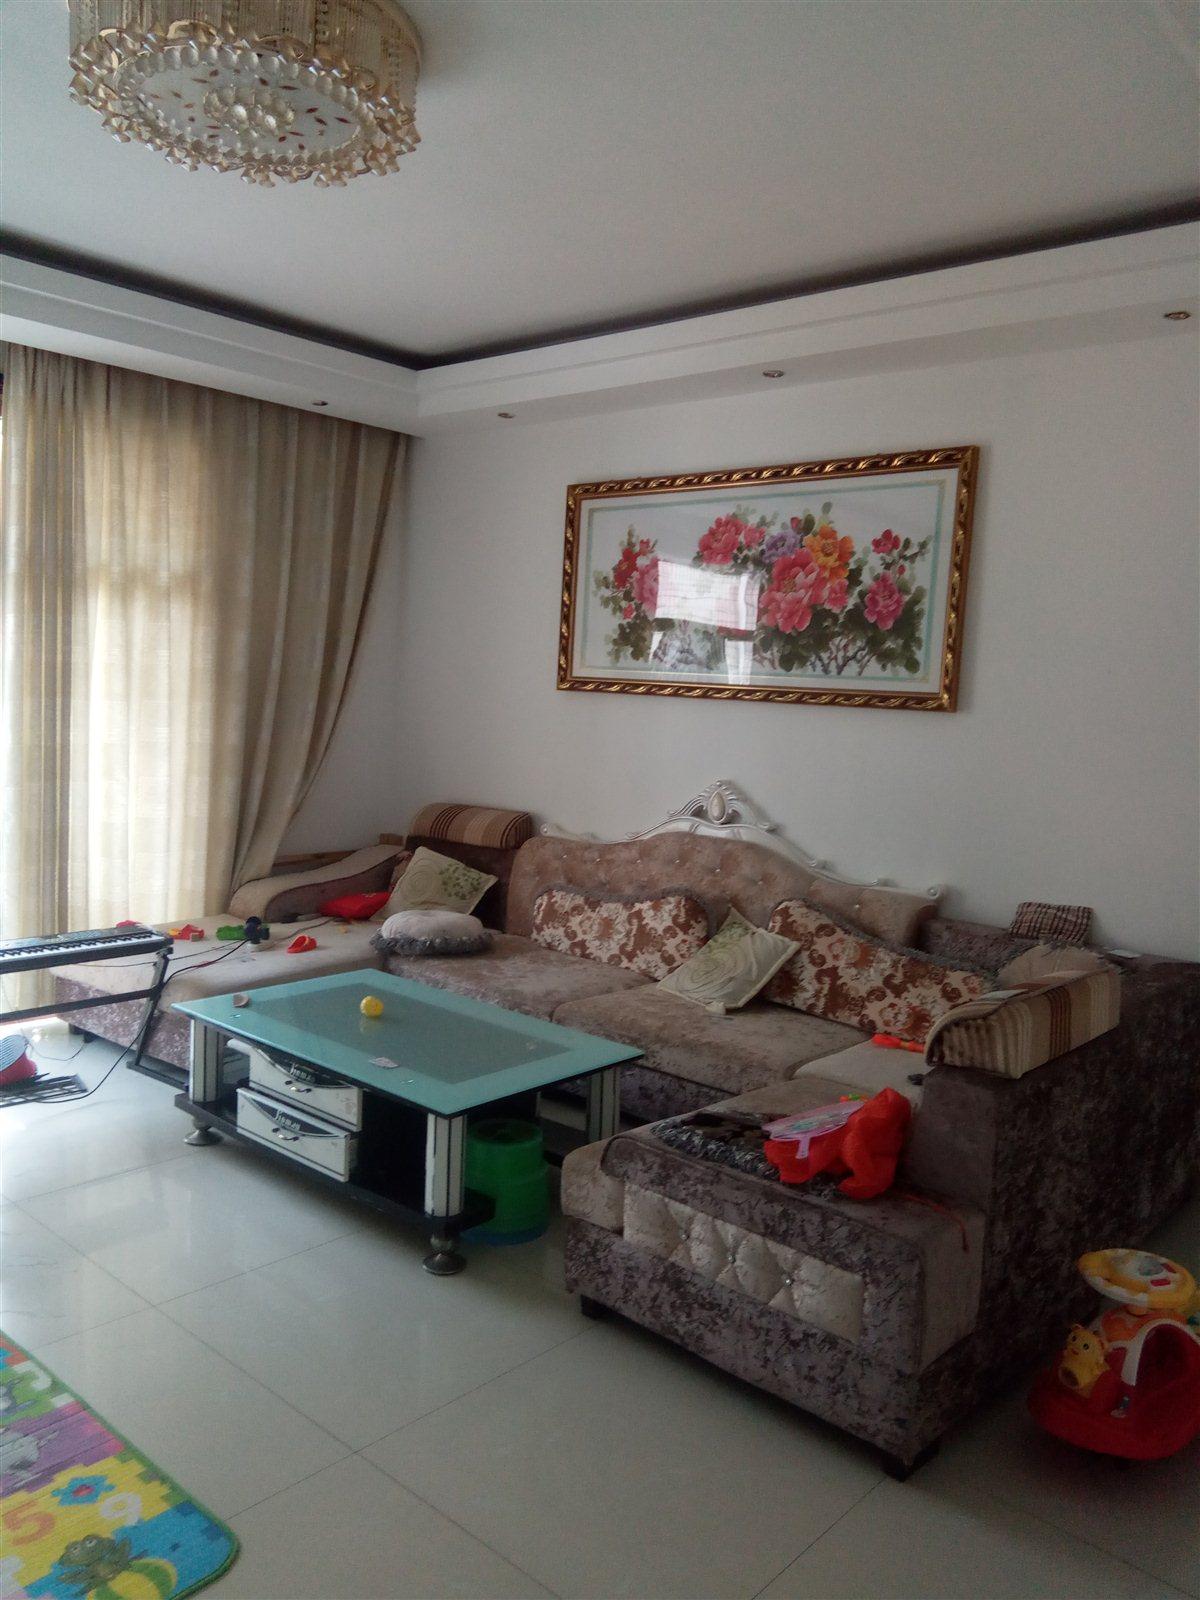 蓬溪县地税小区3室2厅2卫49万元